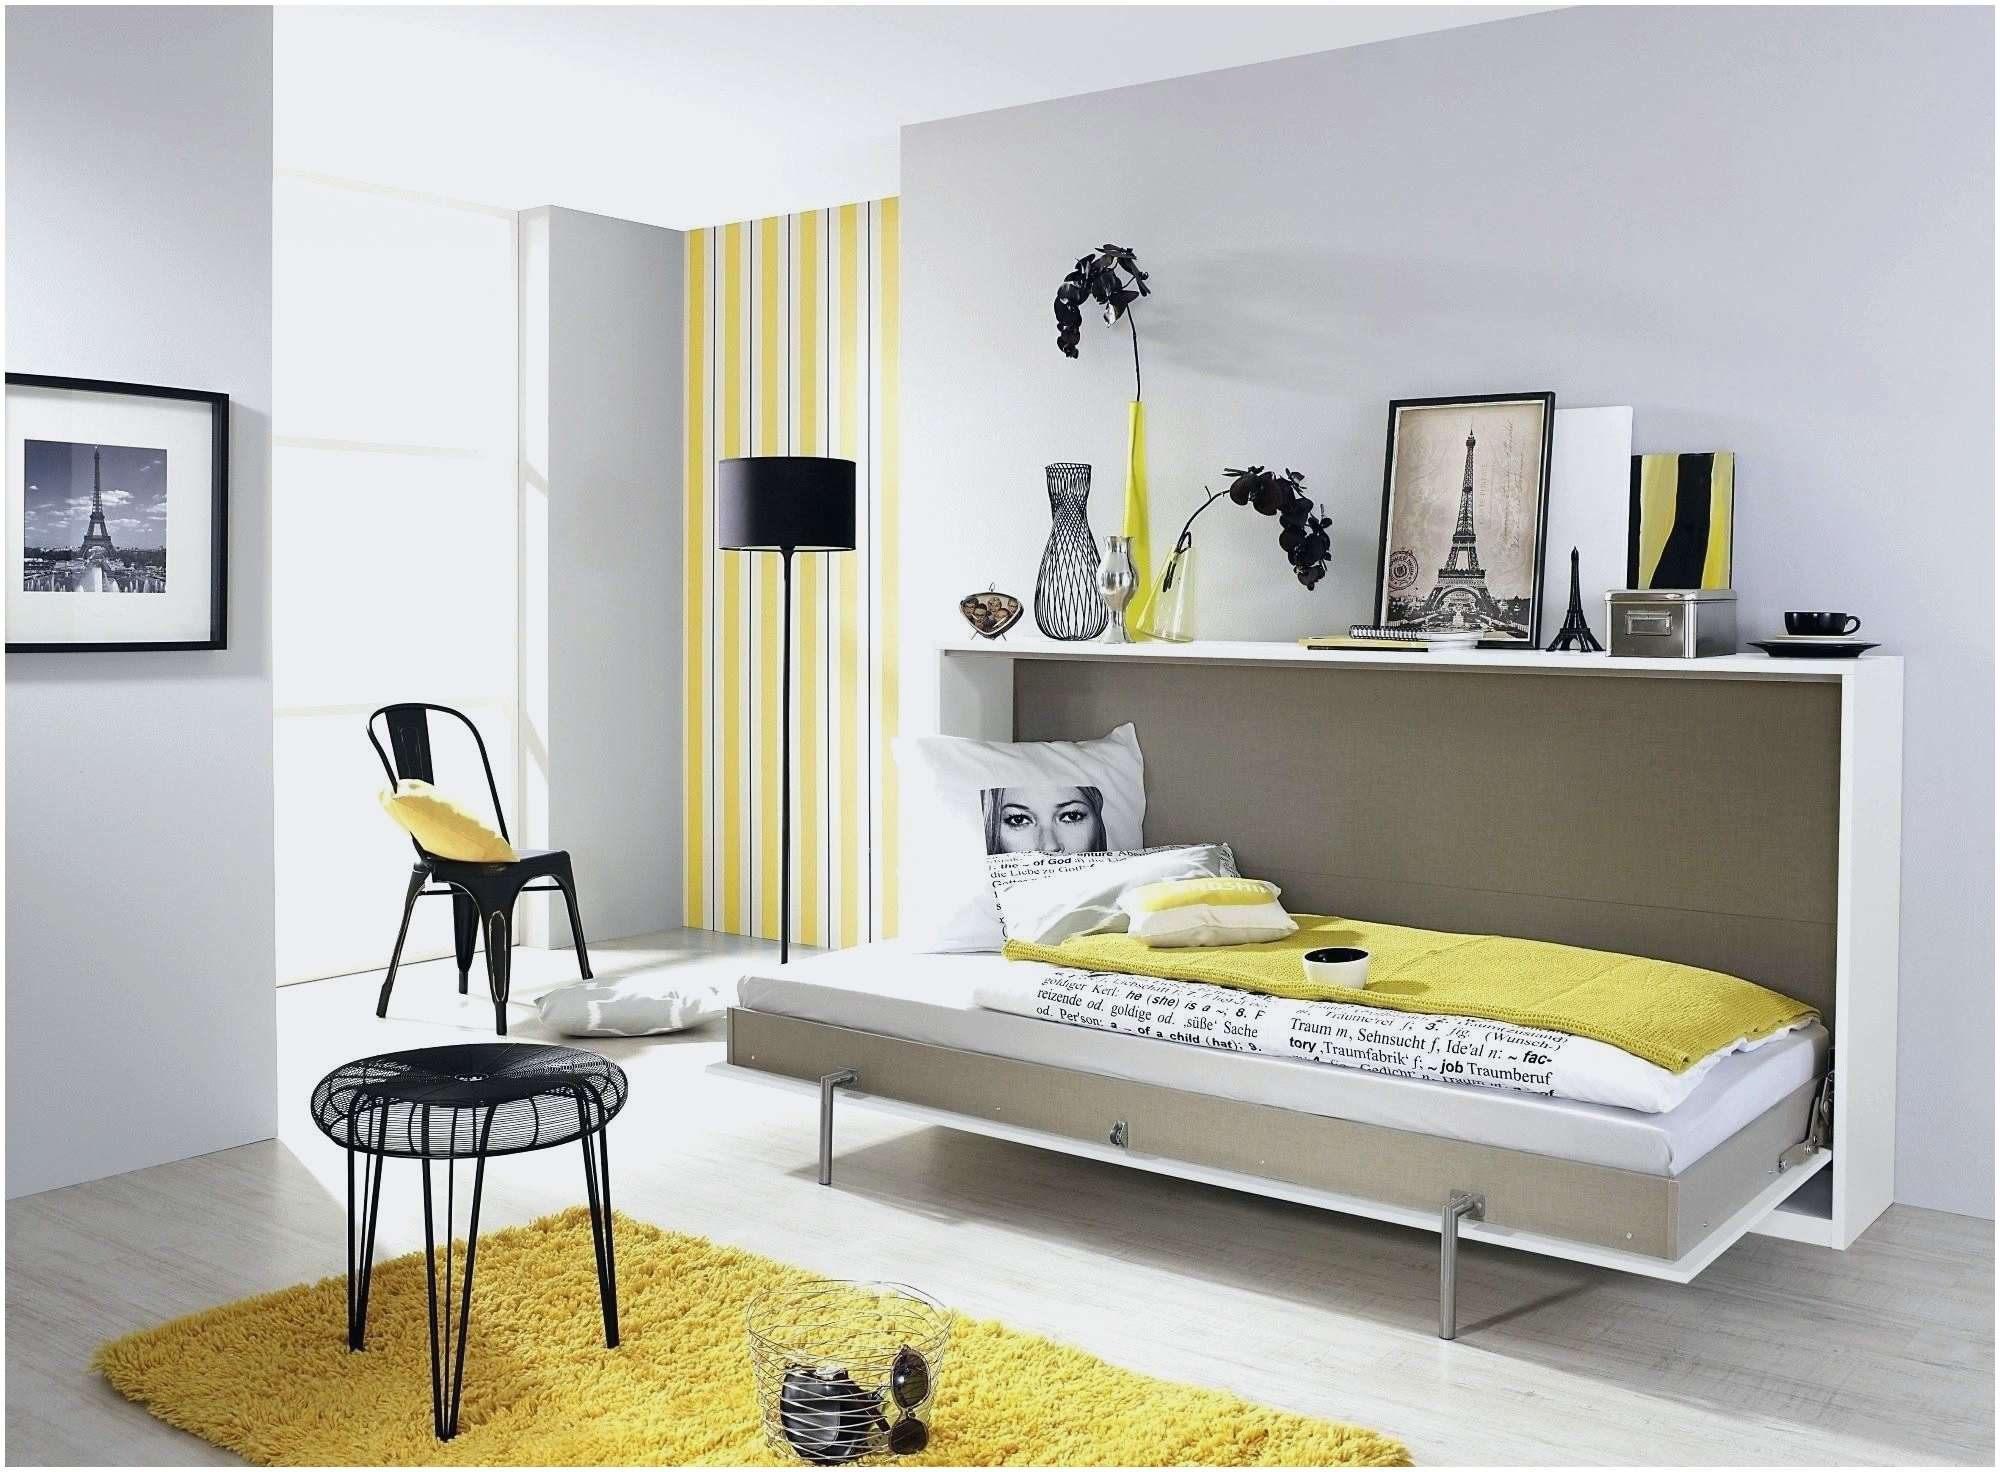 Parure De Lit 200×200 Belle Inspiré Housse De Wake Pour Choix Ikea Housse De Couette 200×200